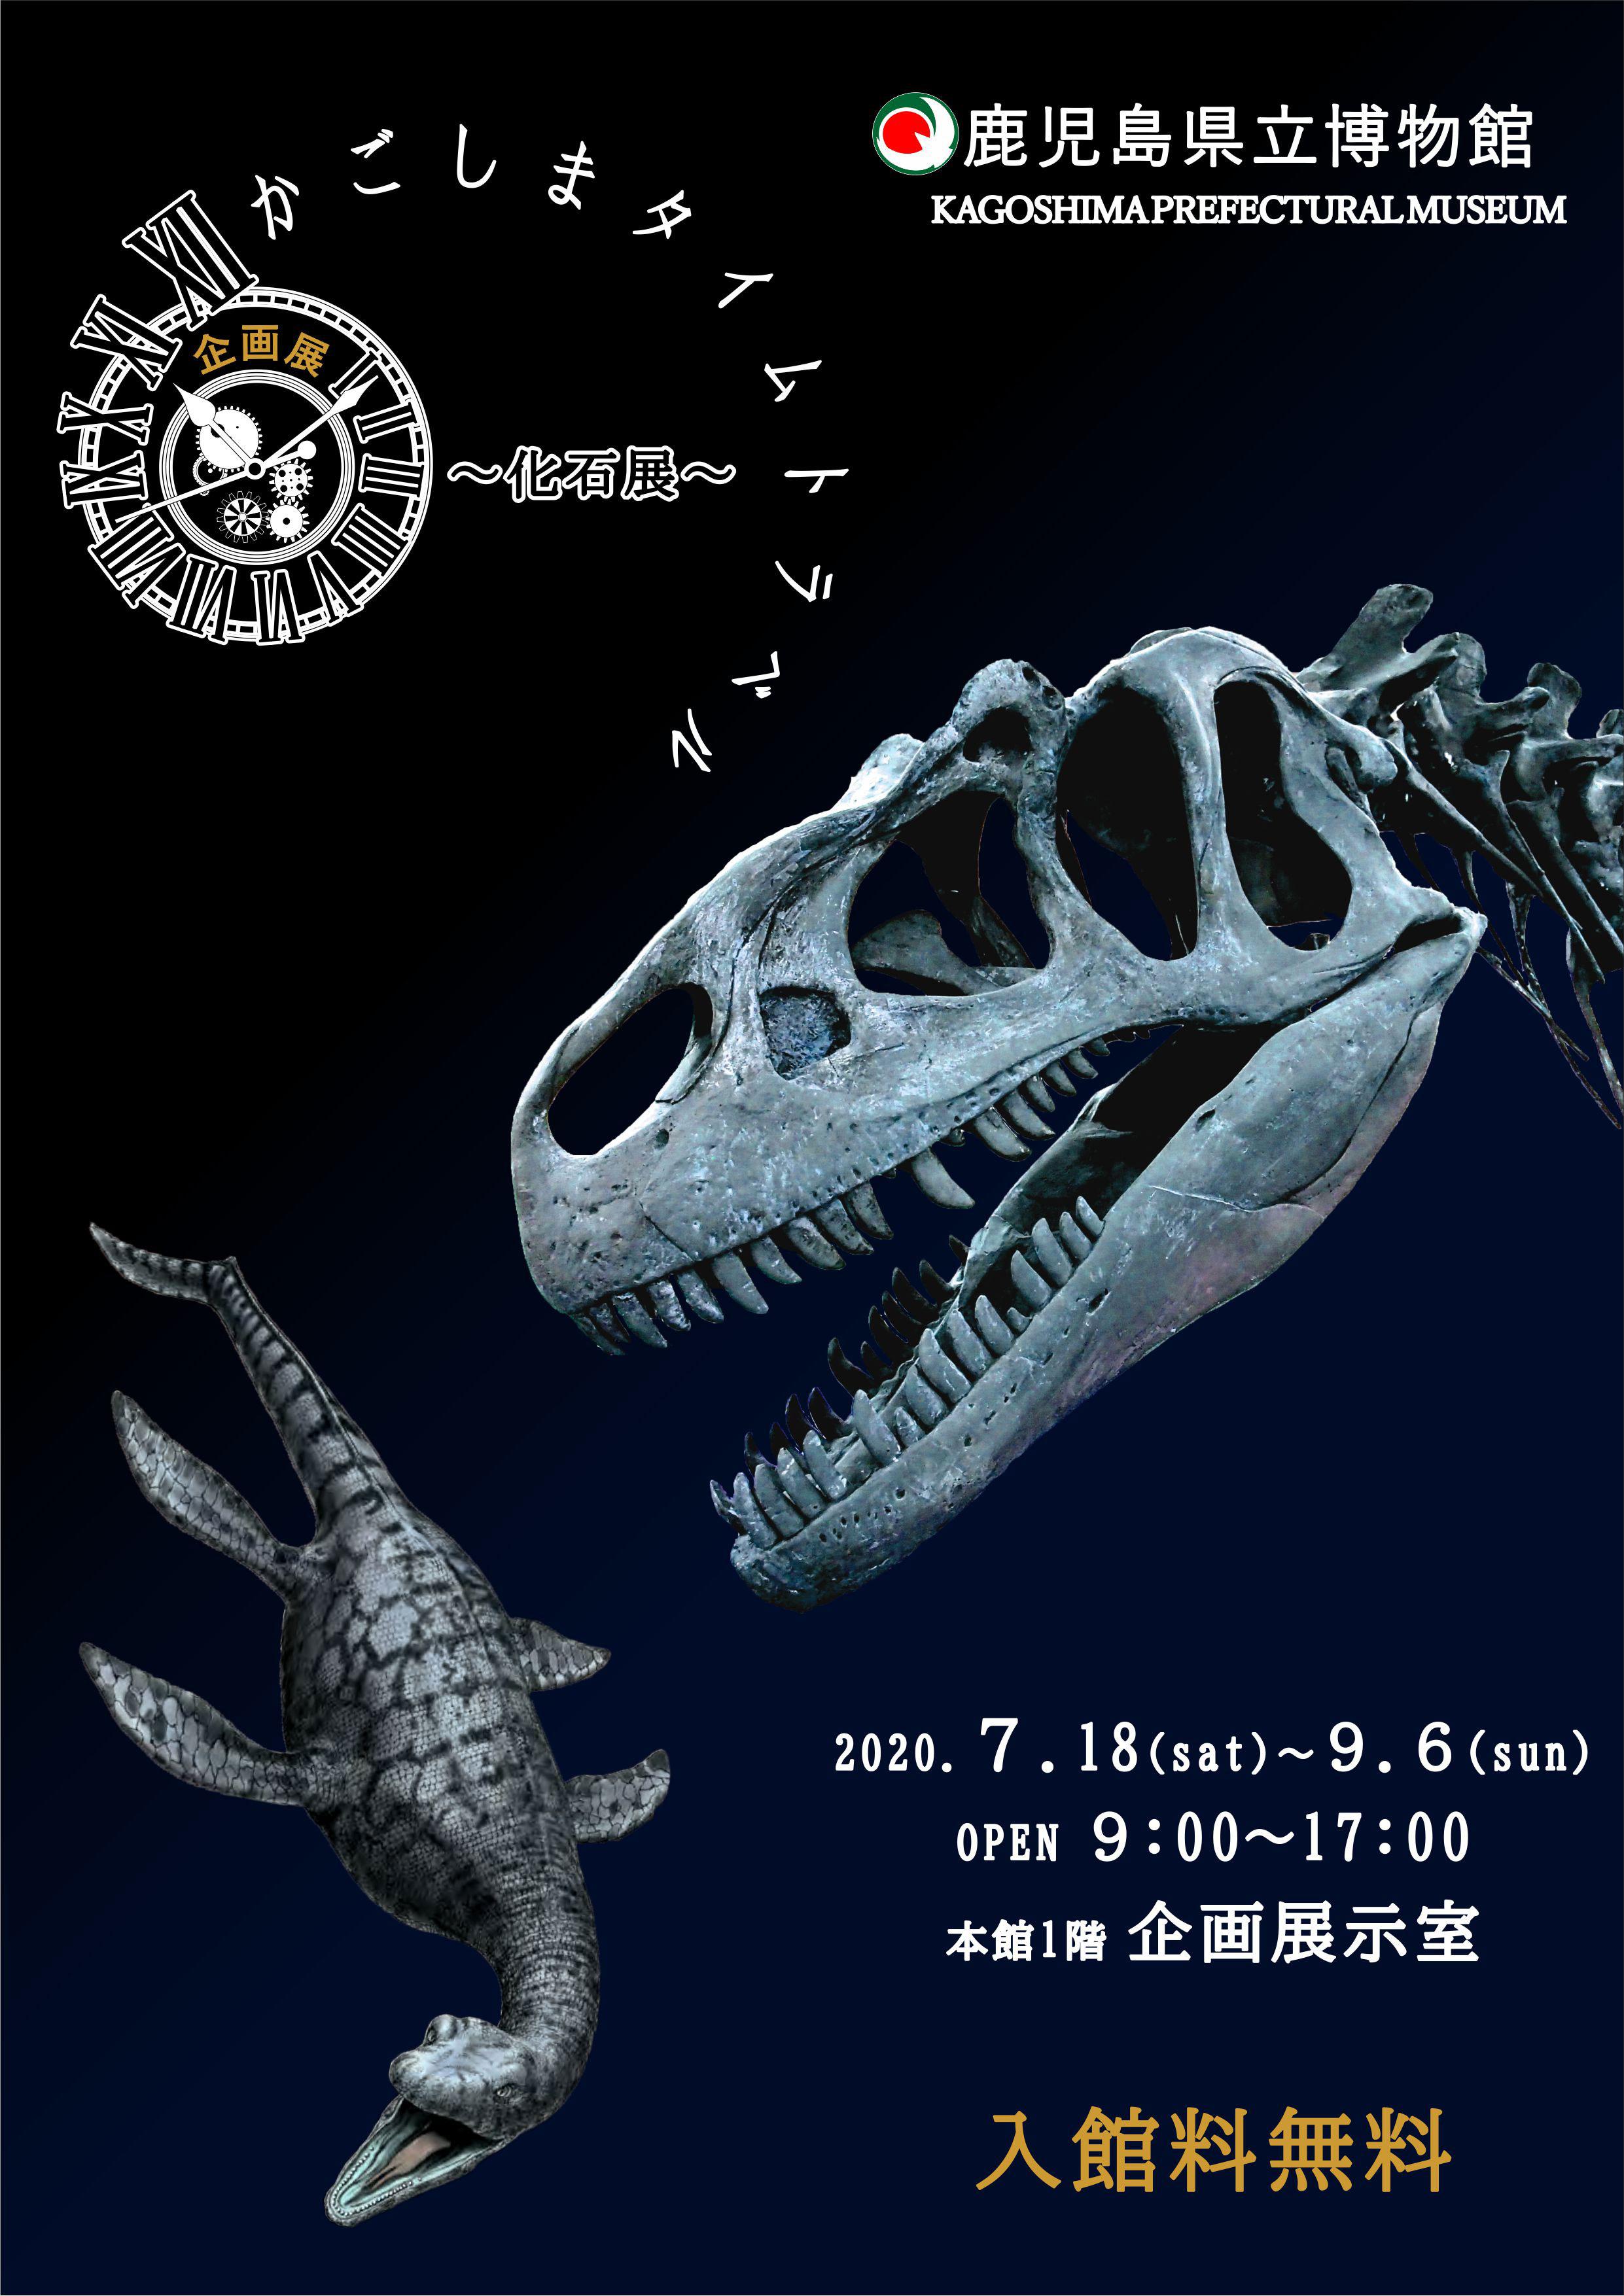 【鹿児島県立博物館】企画展 かごしまタイムトラベル〜化石展〜